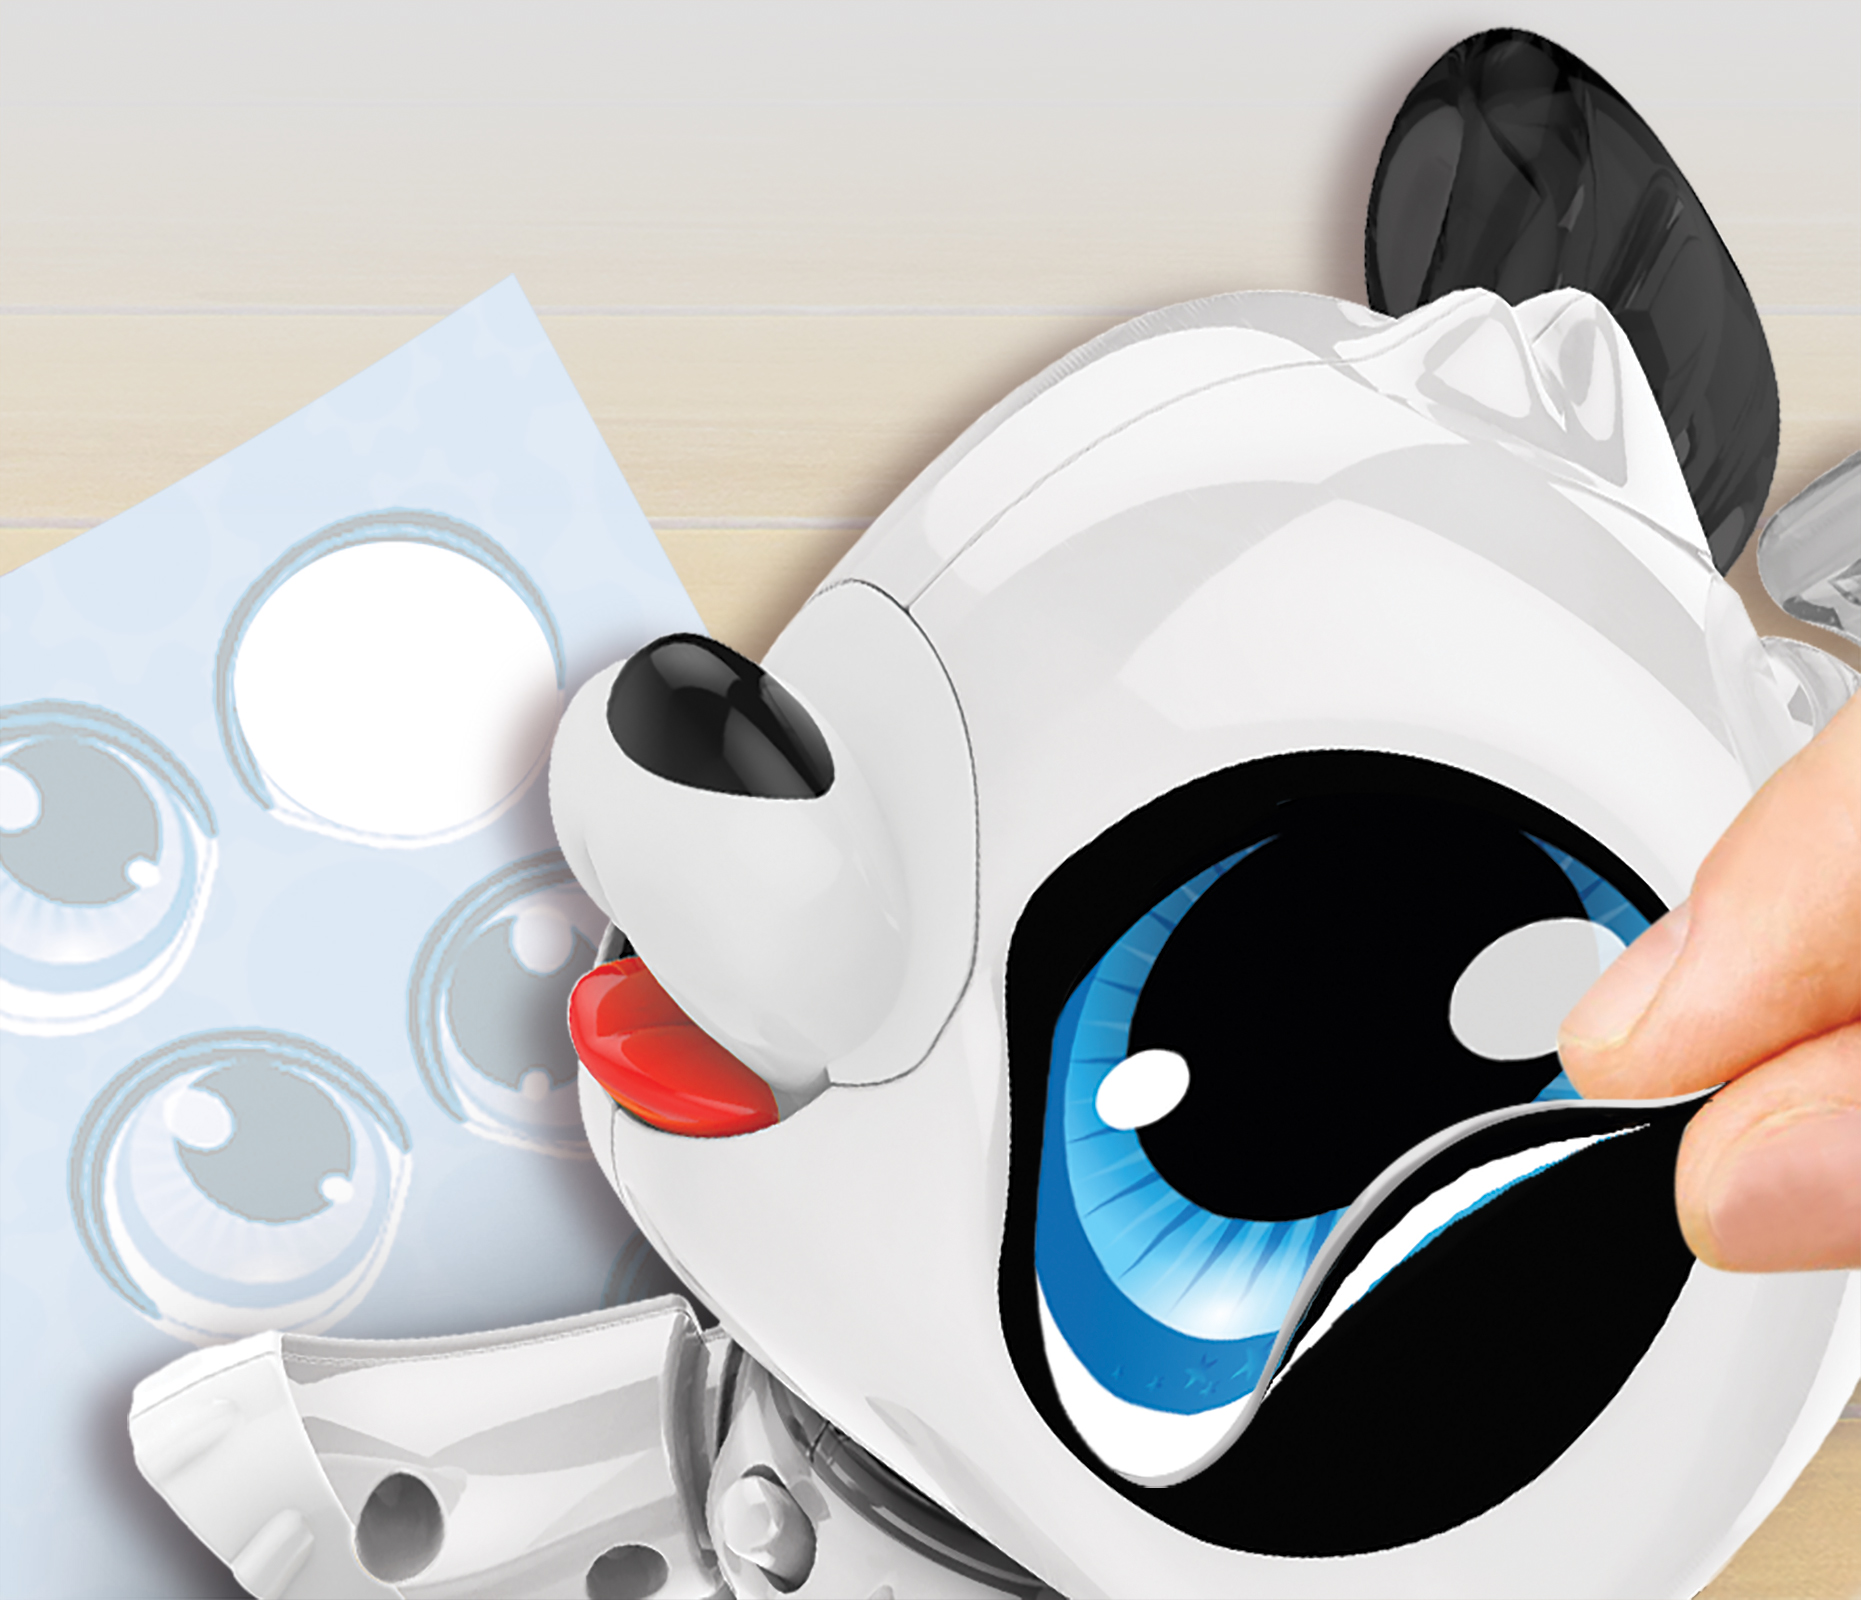 Image 5 Dalmatian - Applying Stickers - hi-res.jpg